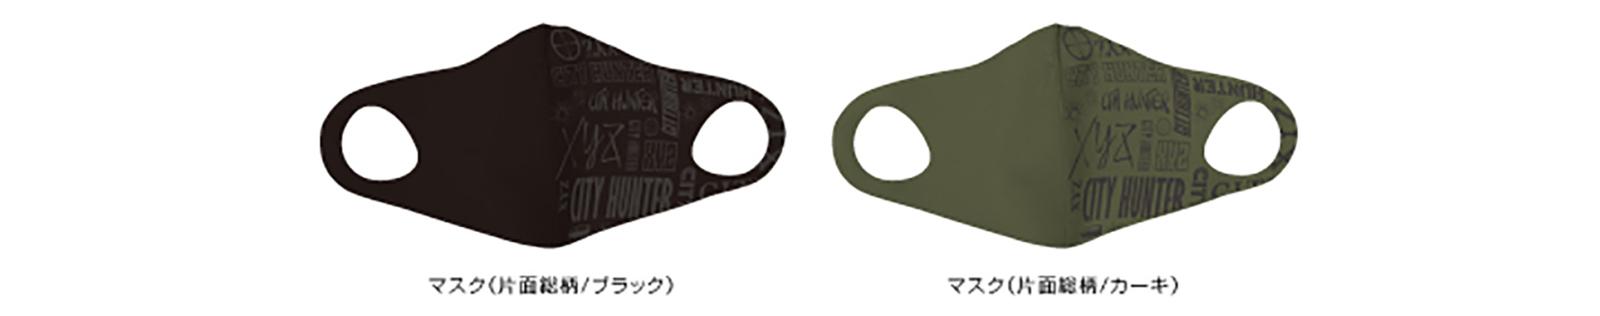 シティハンターマスク